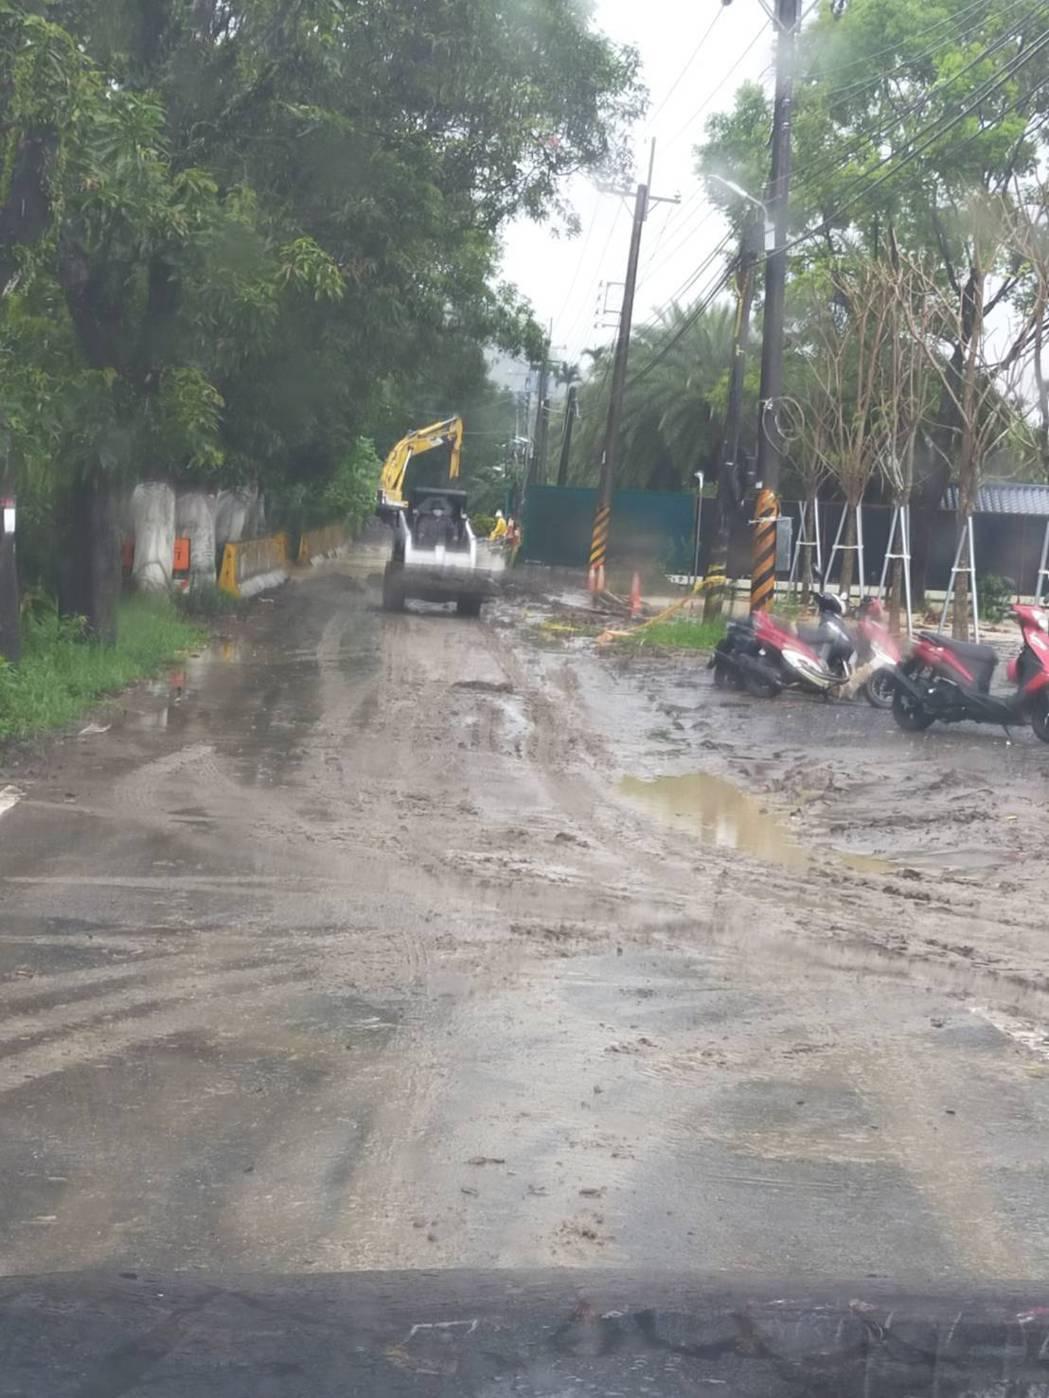 高雄台27線六龜區扇平山莊路段再度坍方,目前道路封閉,預計下午展開搶修。圖/民眾...